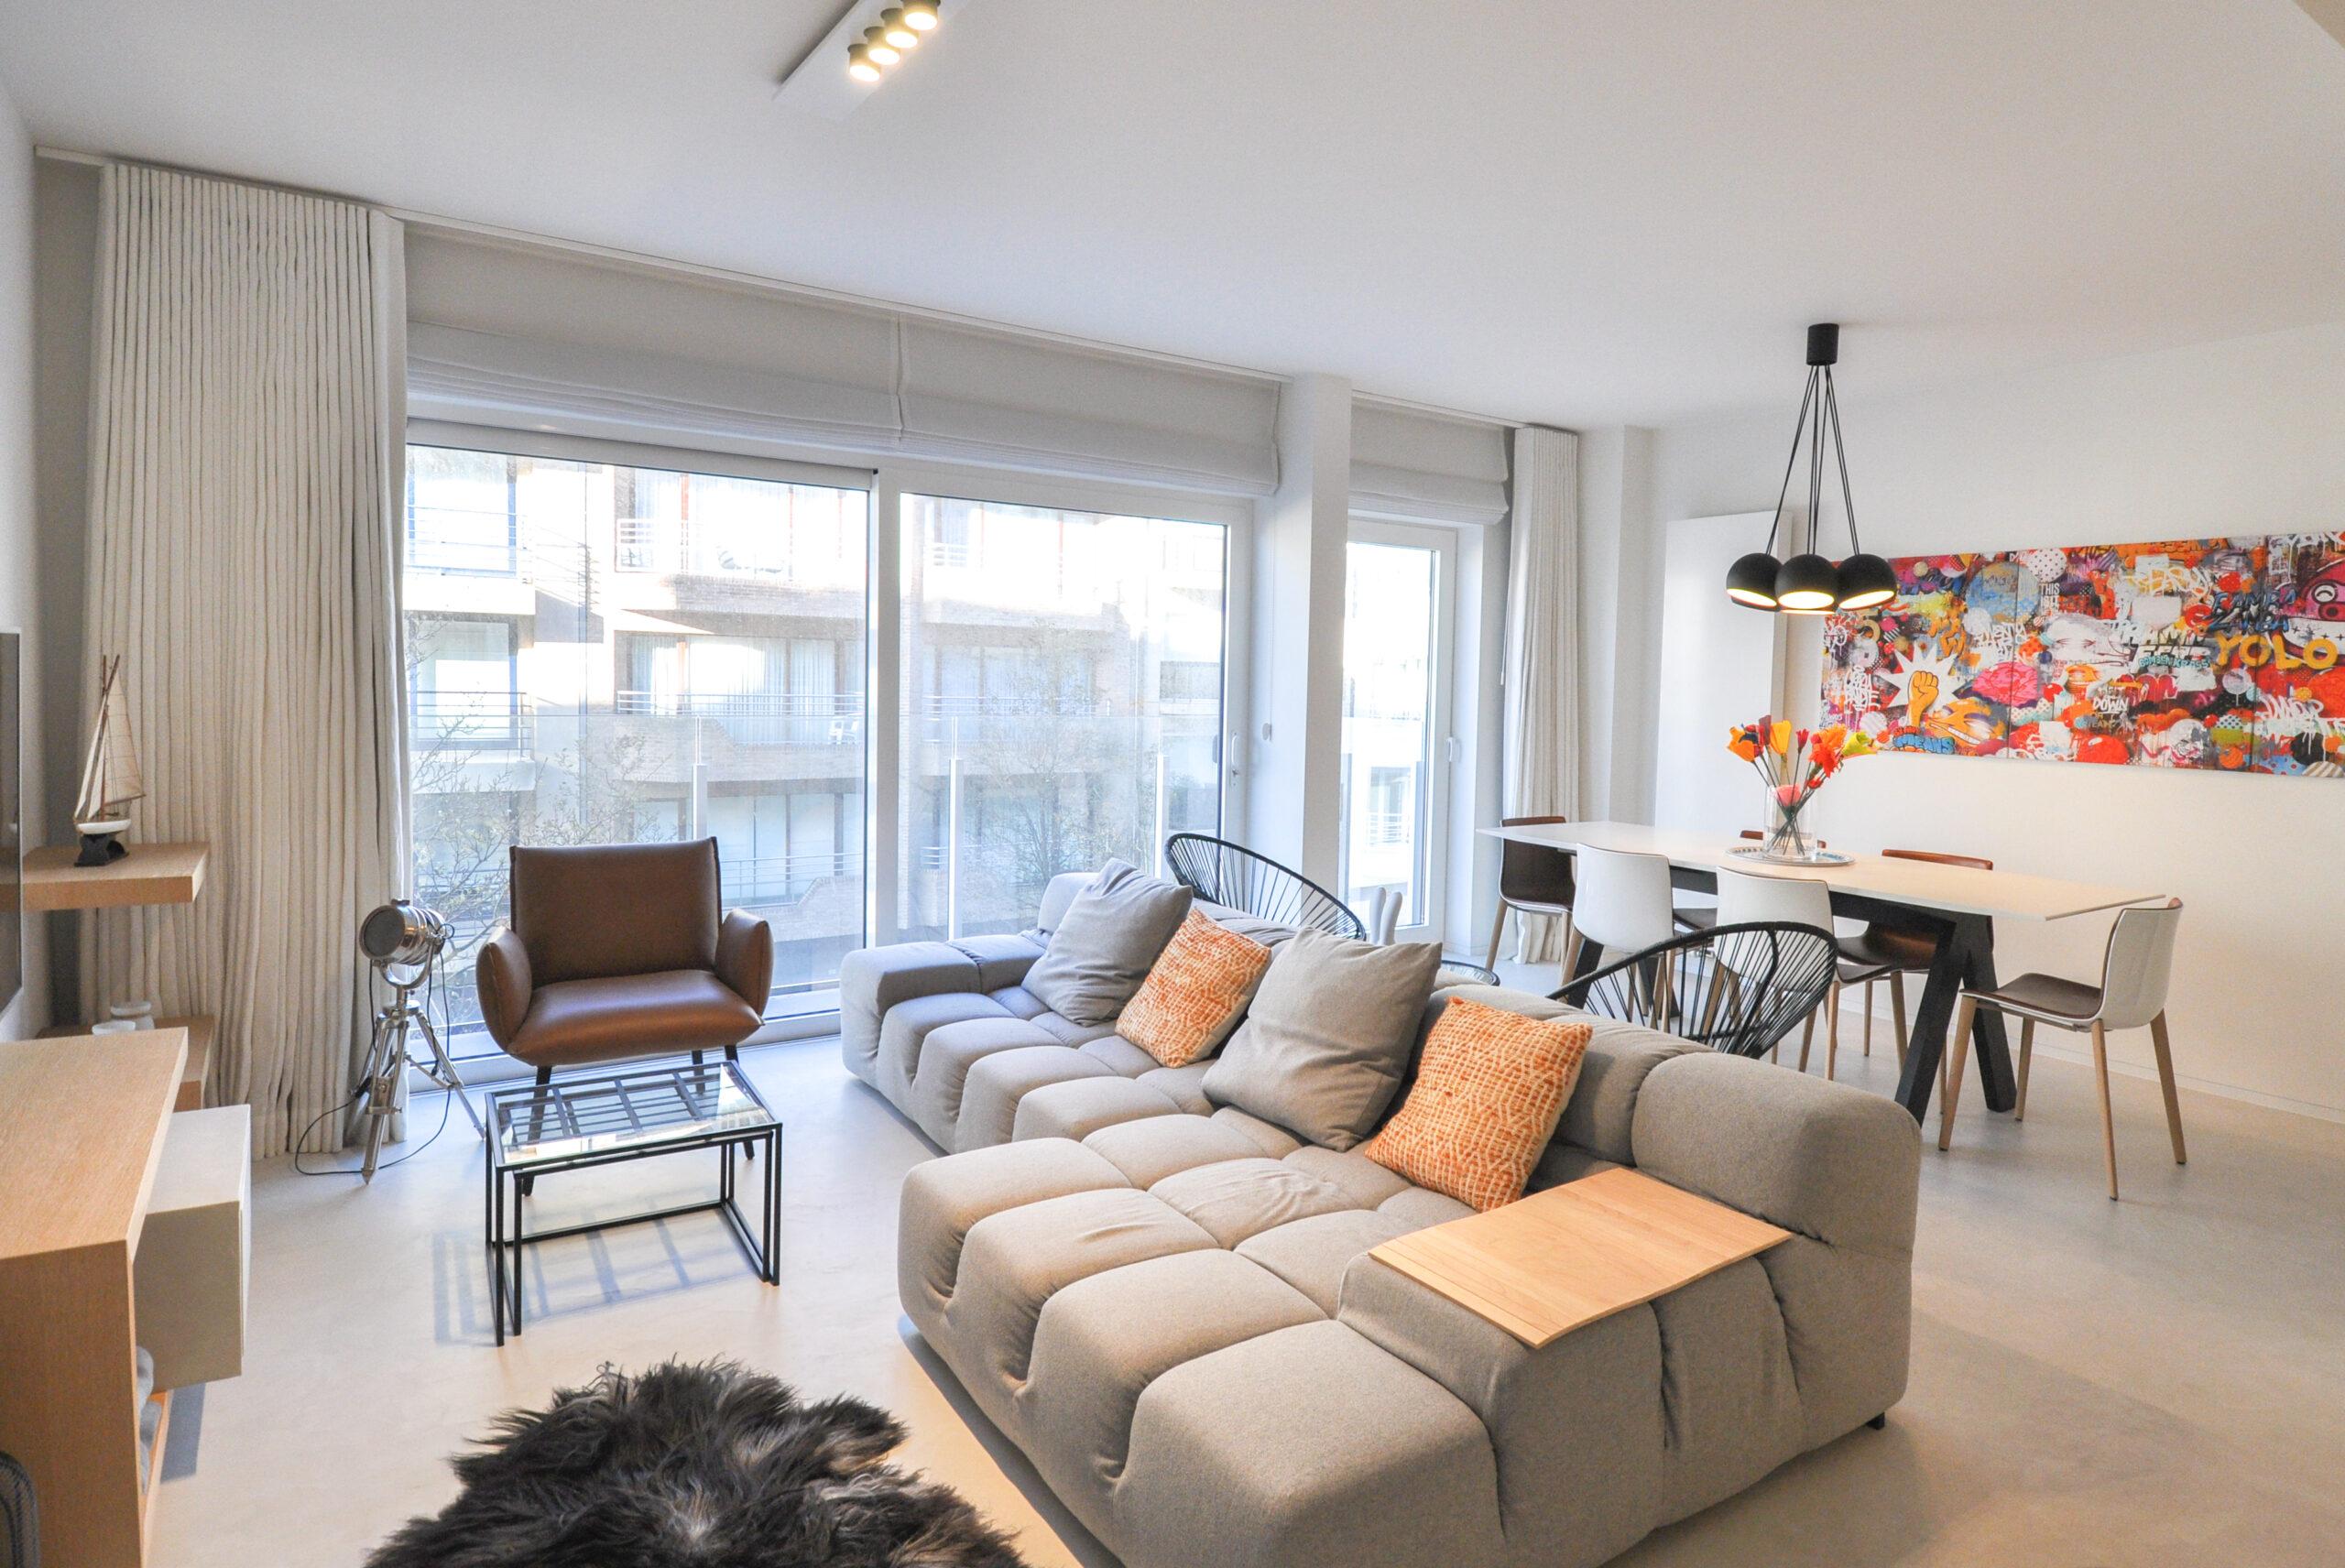 Appartement moderne situé proche de la digue et la place Rubens